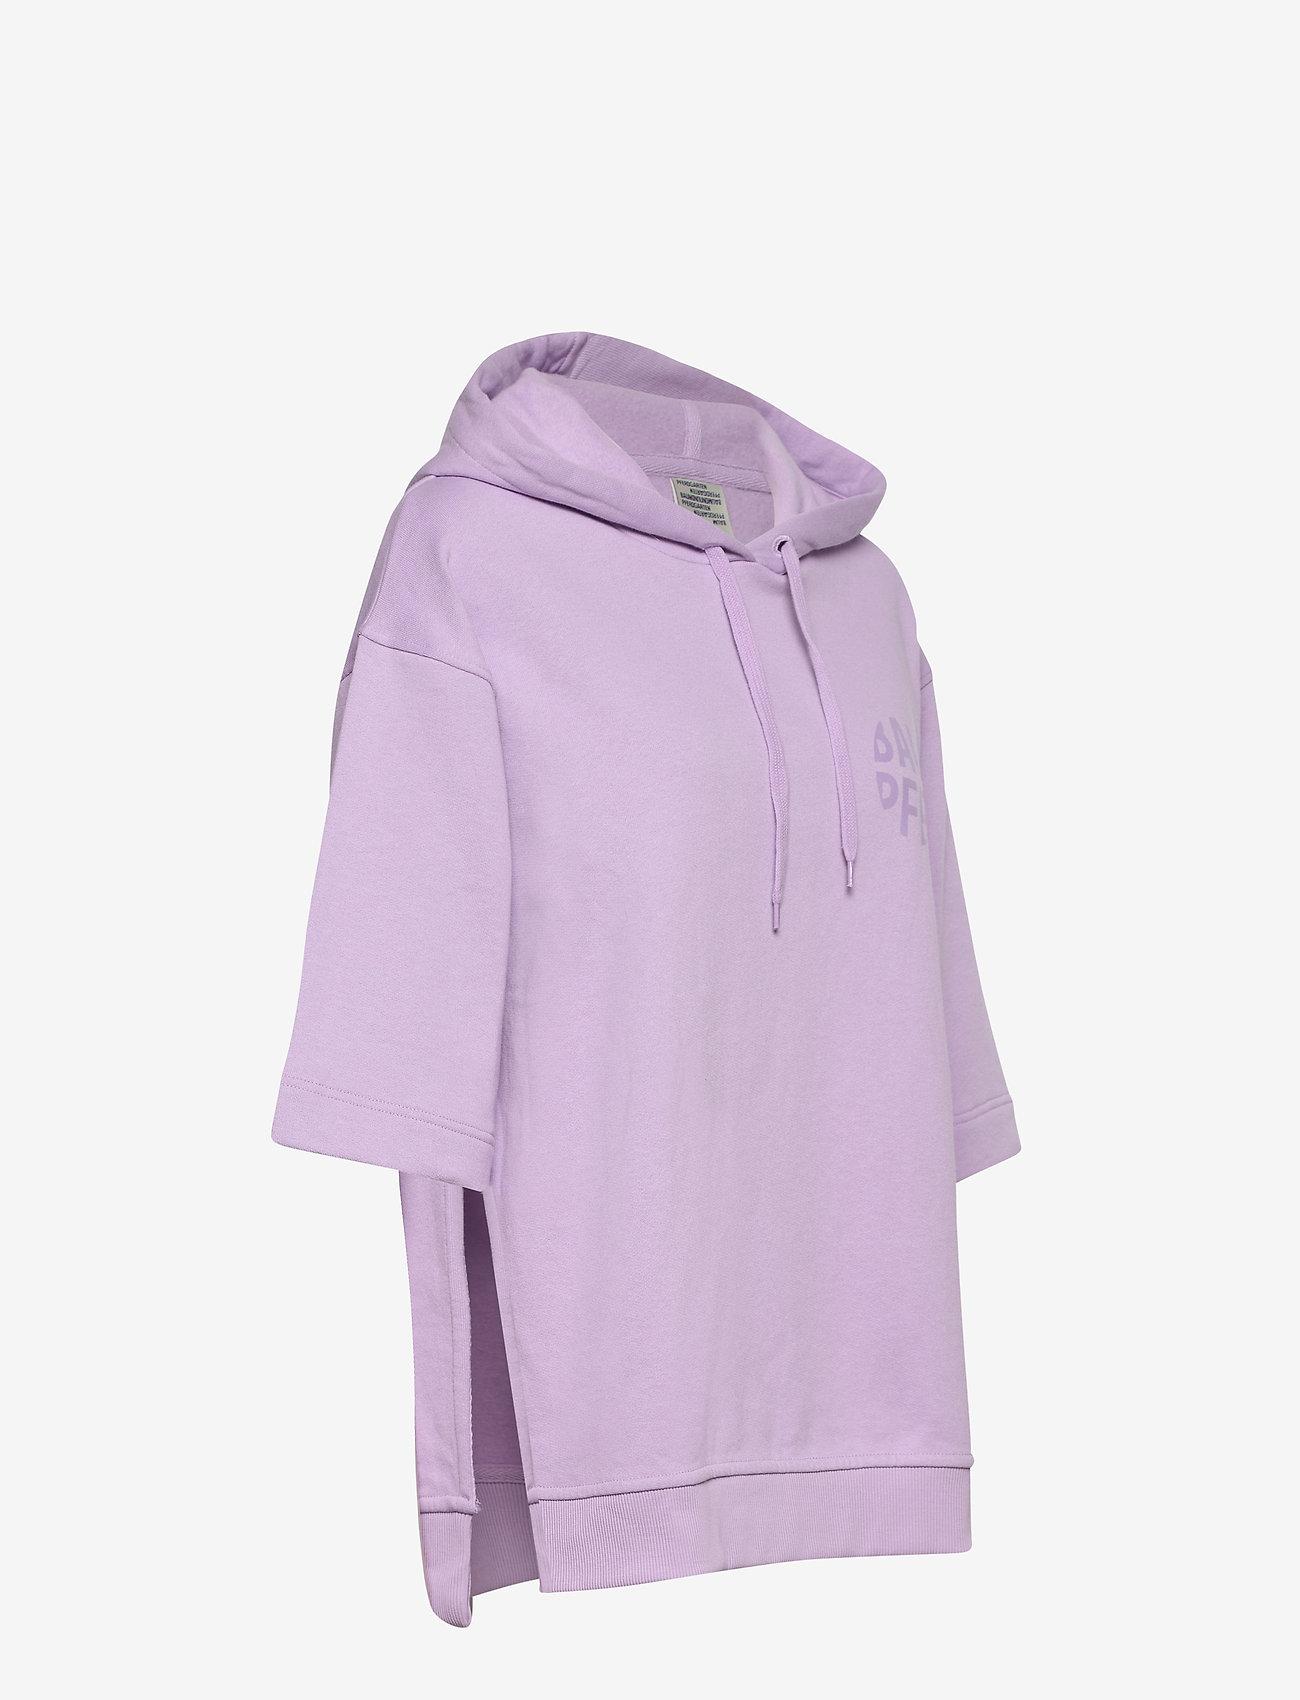 Baum und Pferdgarten - JURA - sweatshirts & hoodies - lavendula - 1